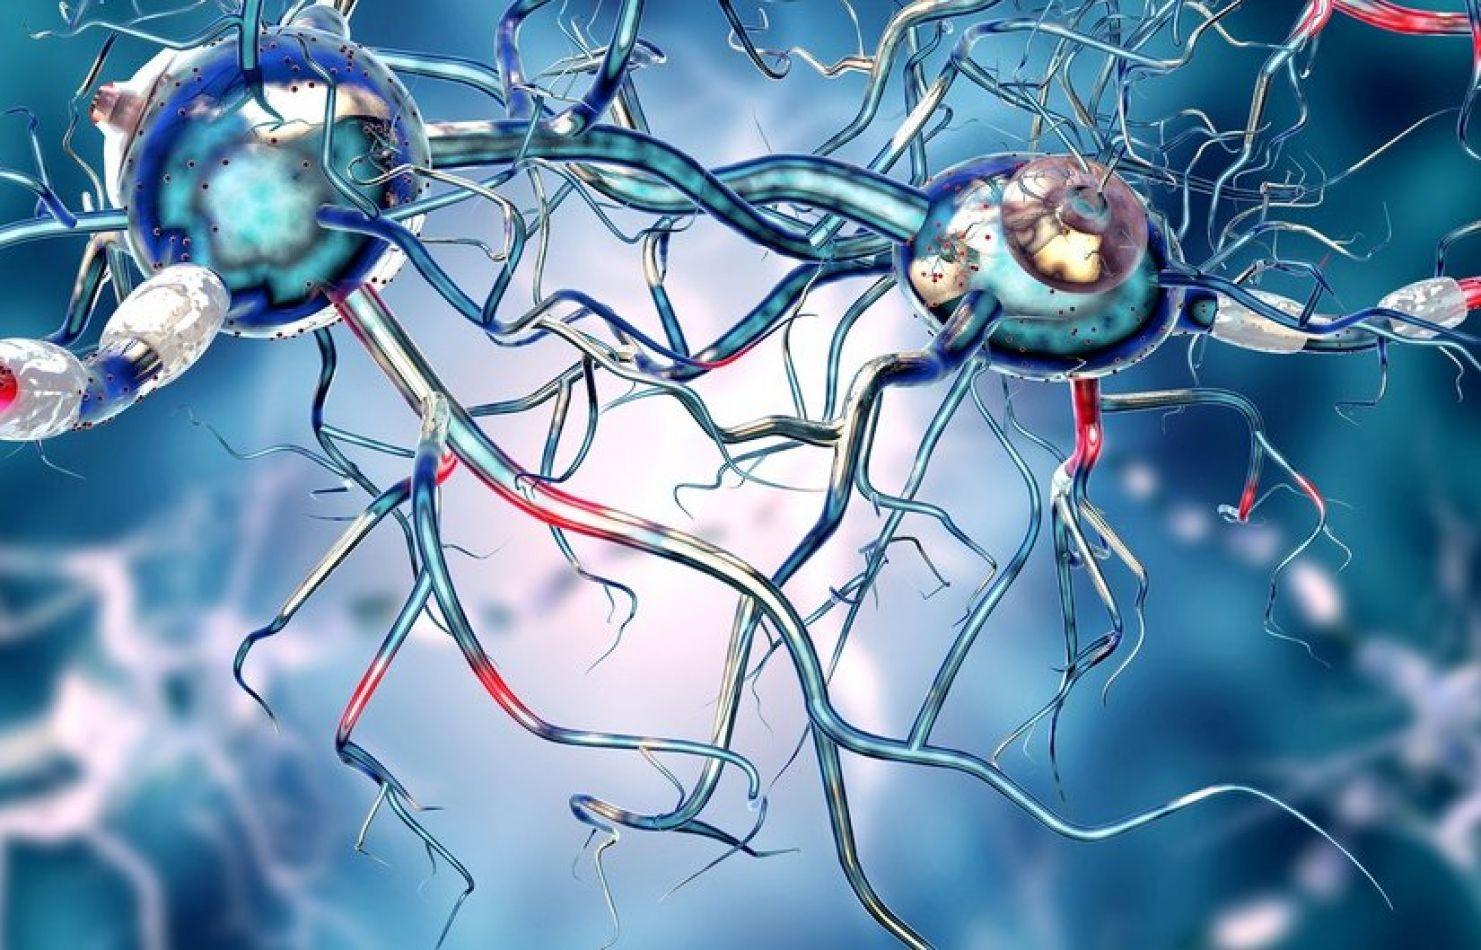 investigadores japoneses anunció este viernes haber trasplantado células madre pluripotentes